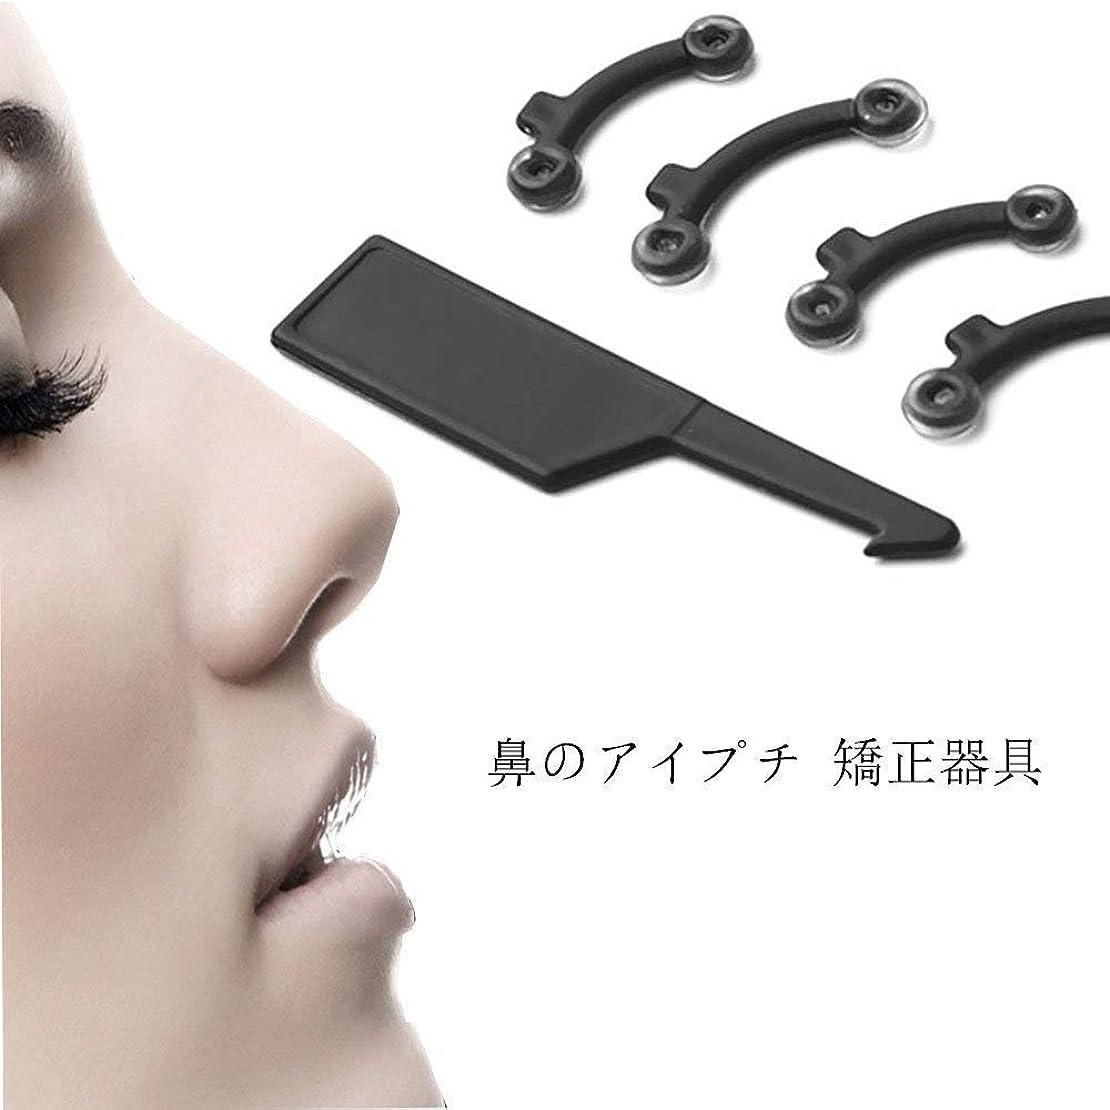 ストライプ慣れているマイコンTyou 鼻プチ 鼻パッド 柔軟性高く 痛くない 医療用シリコン使用 鼻のアイプチ 矯正プチ 整形せず